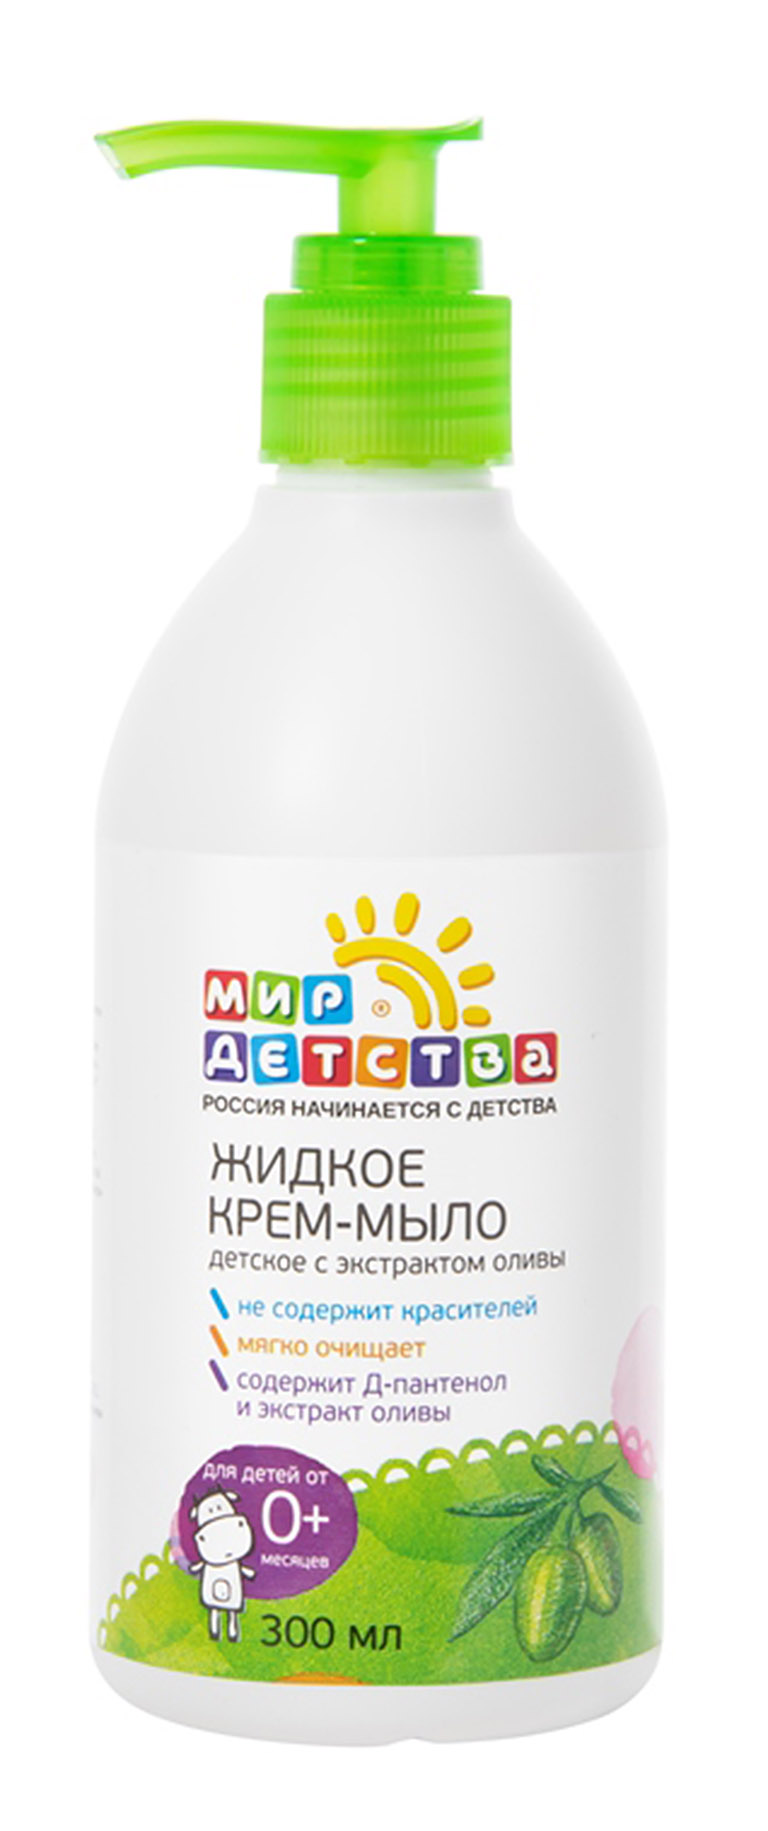 40420 Жидкое крем-мыло с экстрактом оливы, 300мл